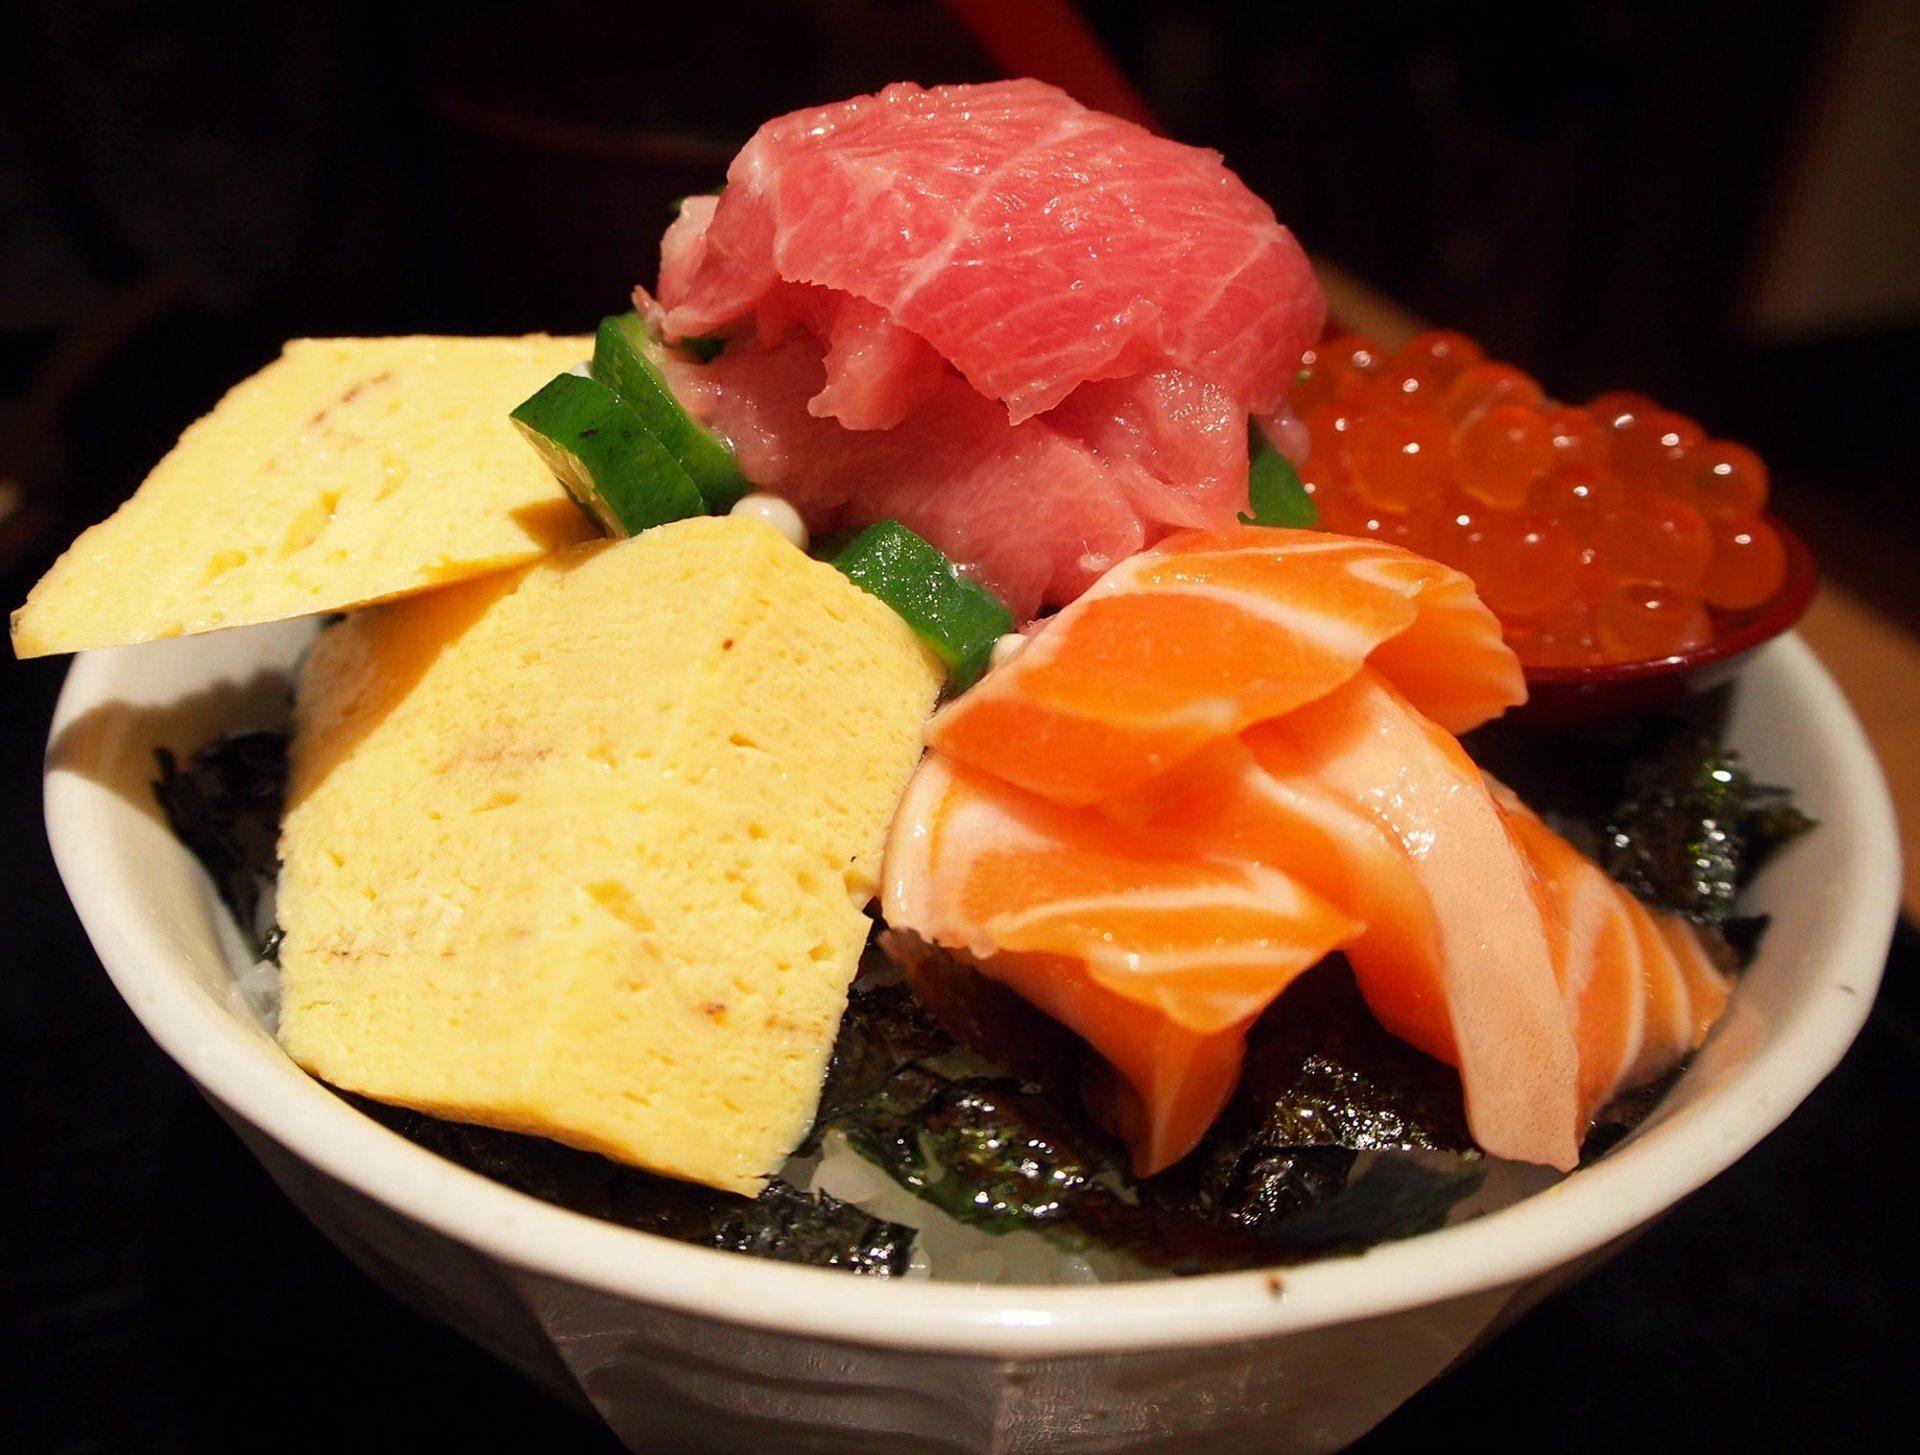 盖饭上堆着满满的鲑鱼、鲑鱼卵、真鲷、鲔鱼等高级海鲜食材